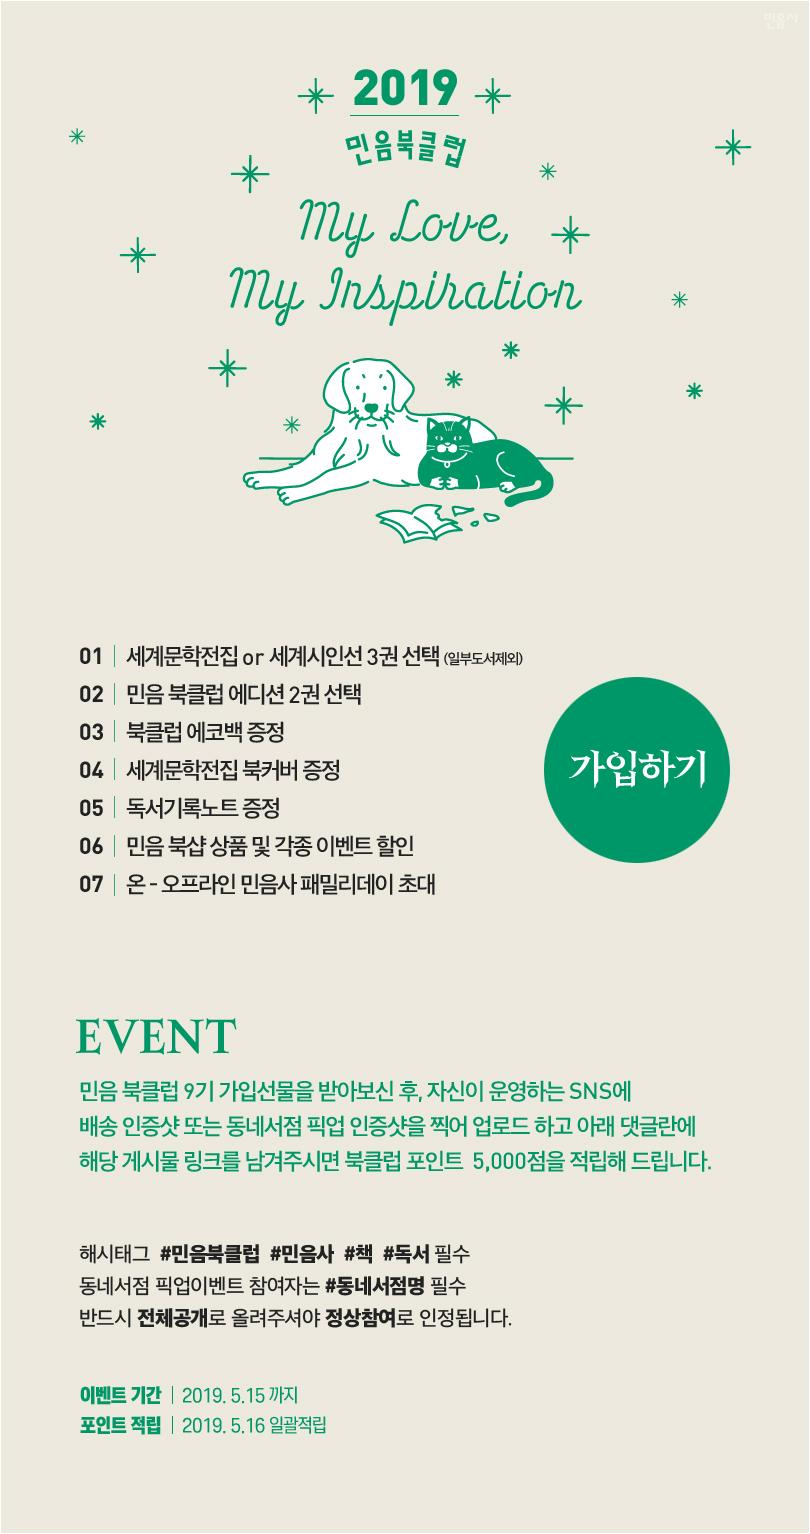 810_2019_민음북클럽_이벤트_01